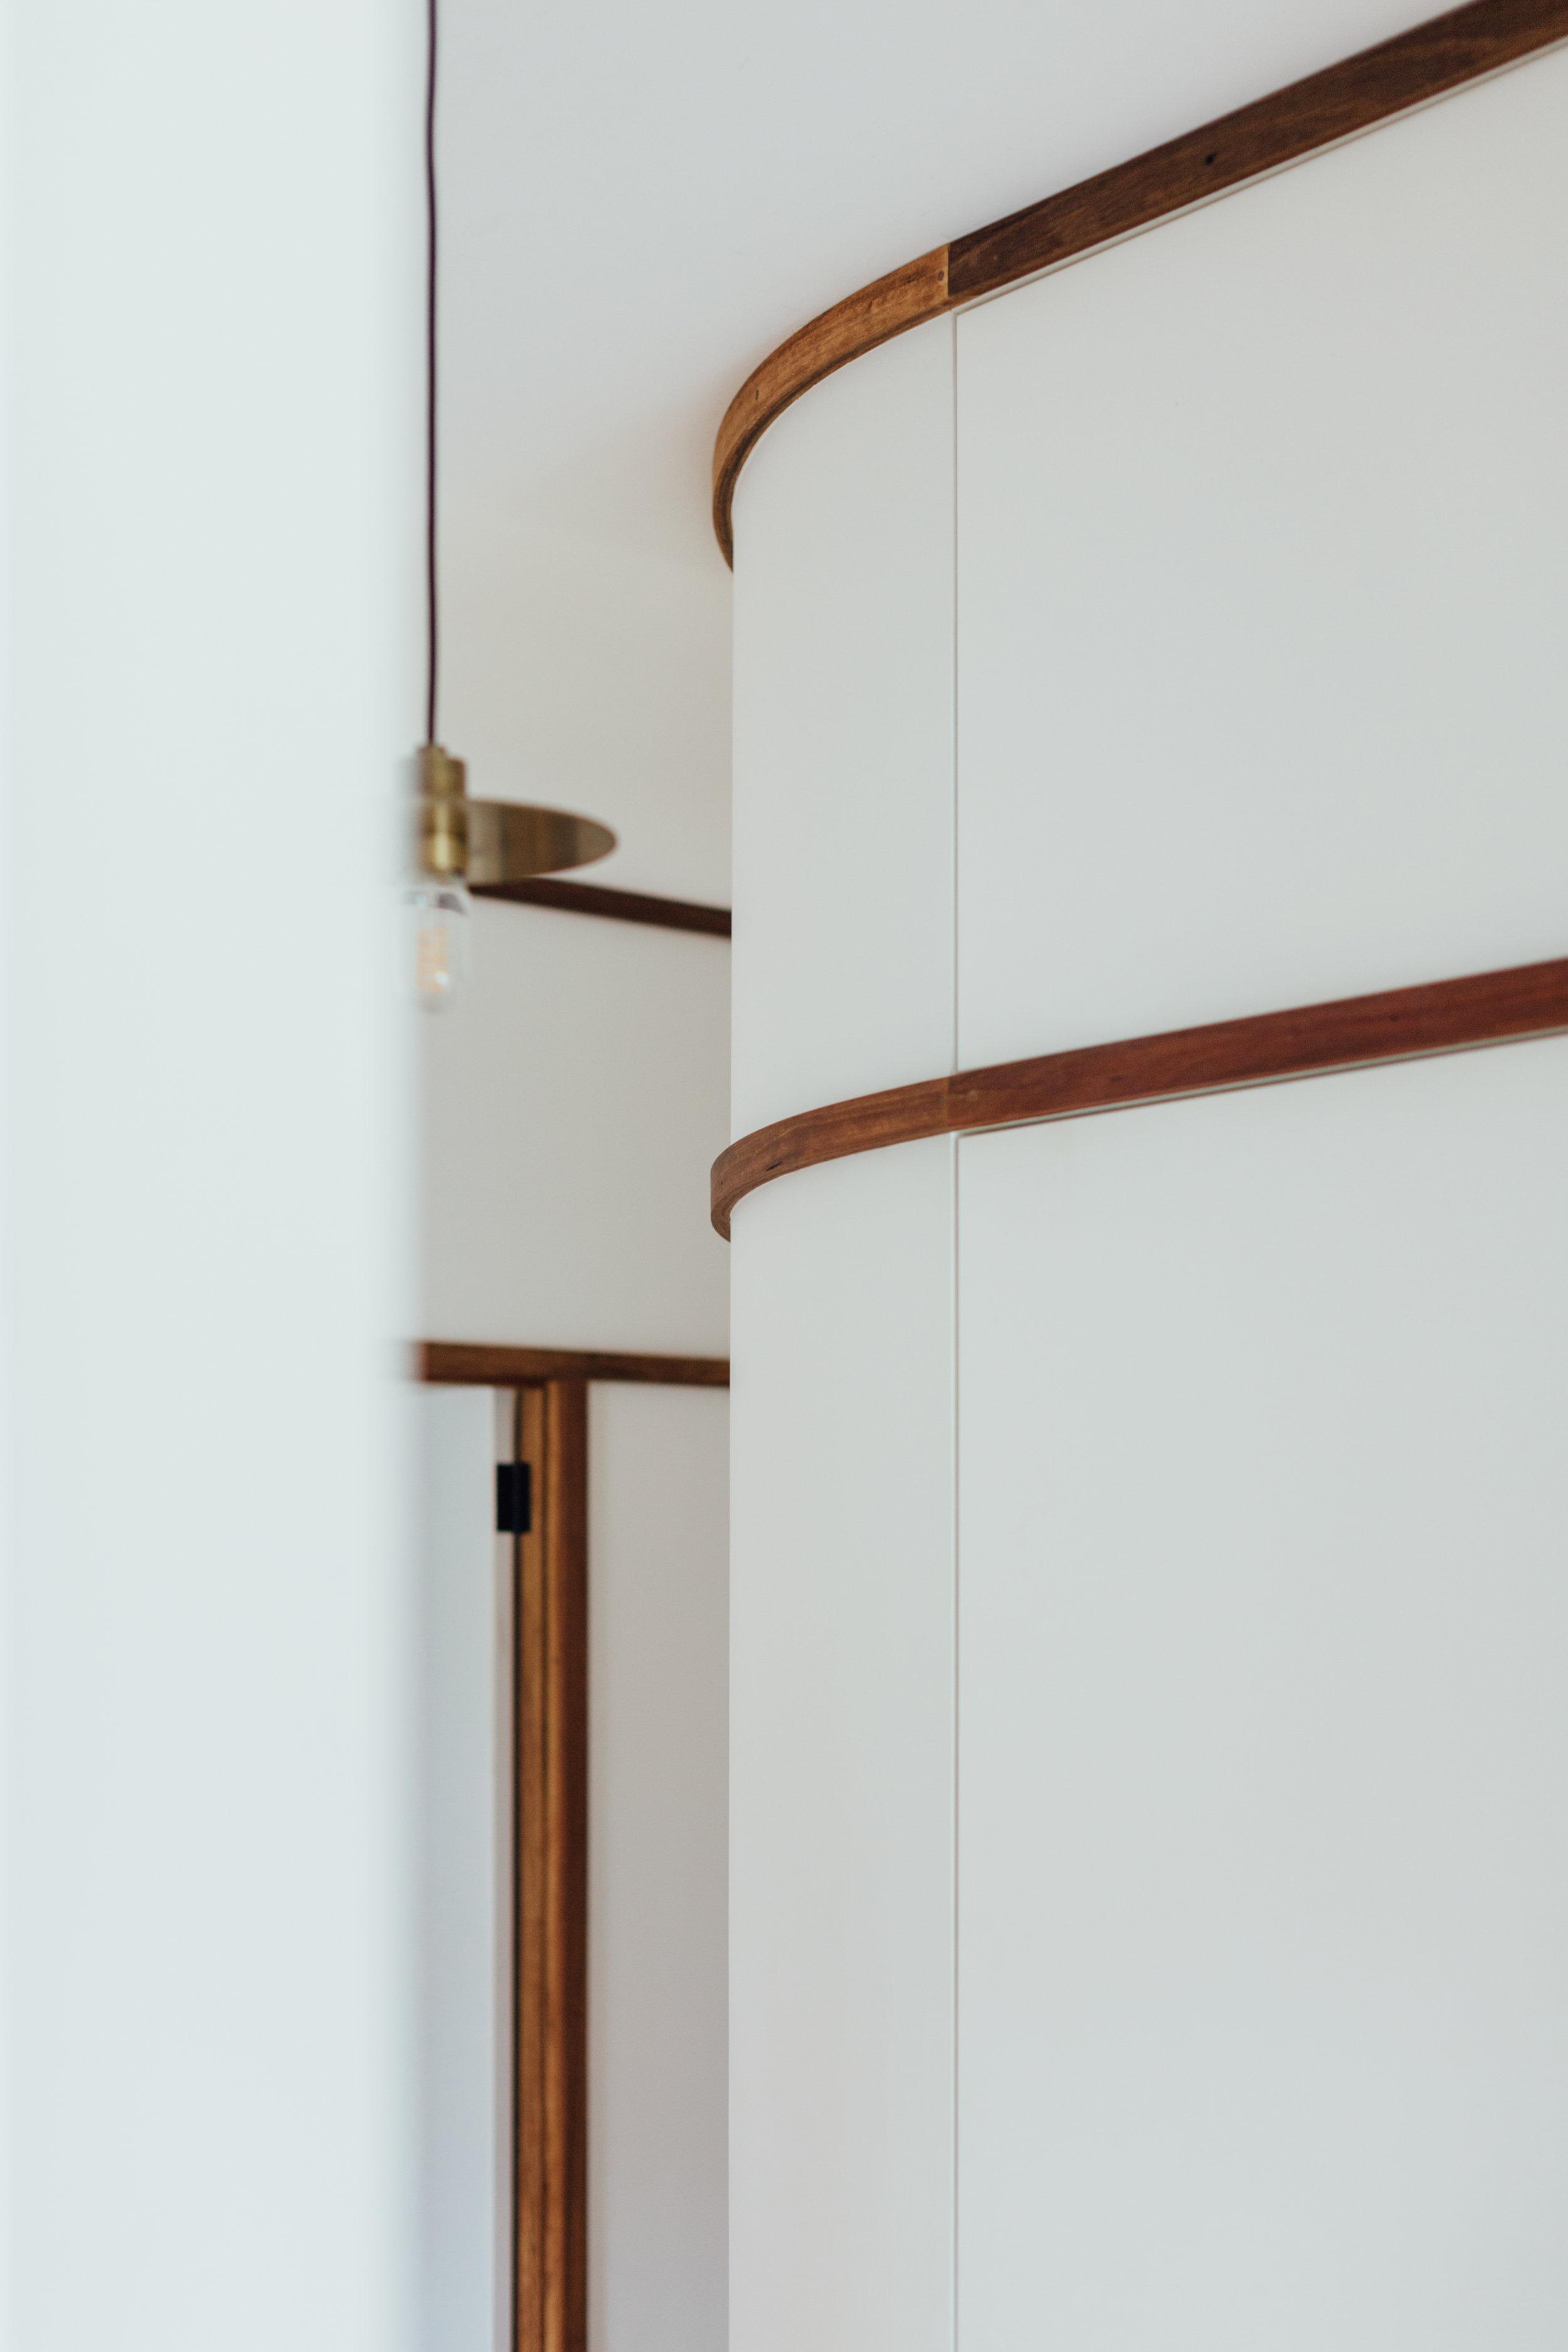 Takt exoskeleton house interior detail.jpg